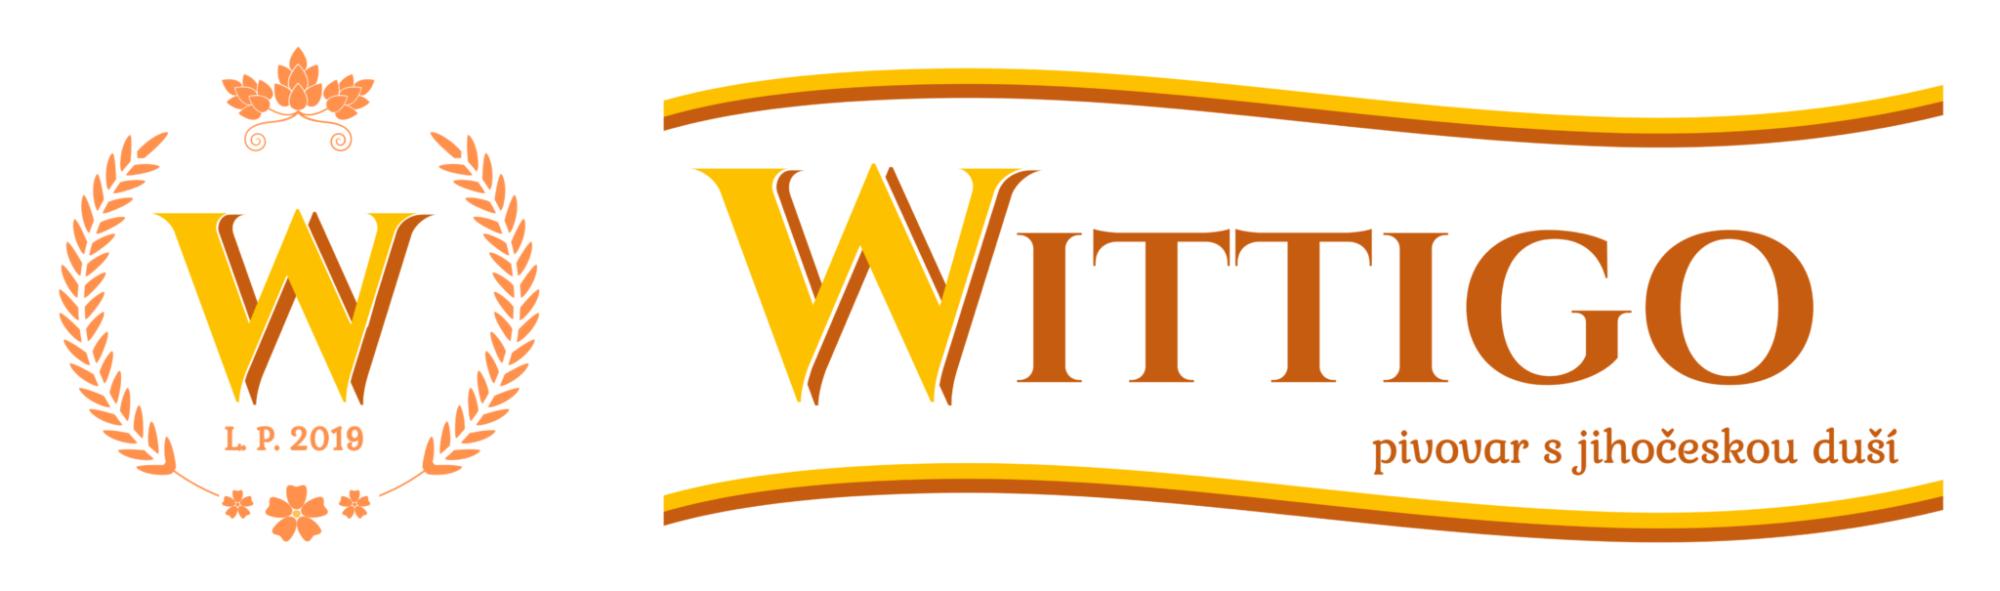 WITTIGO – pivovar s jihočeskou duší